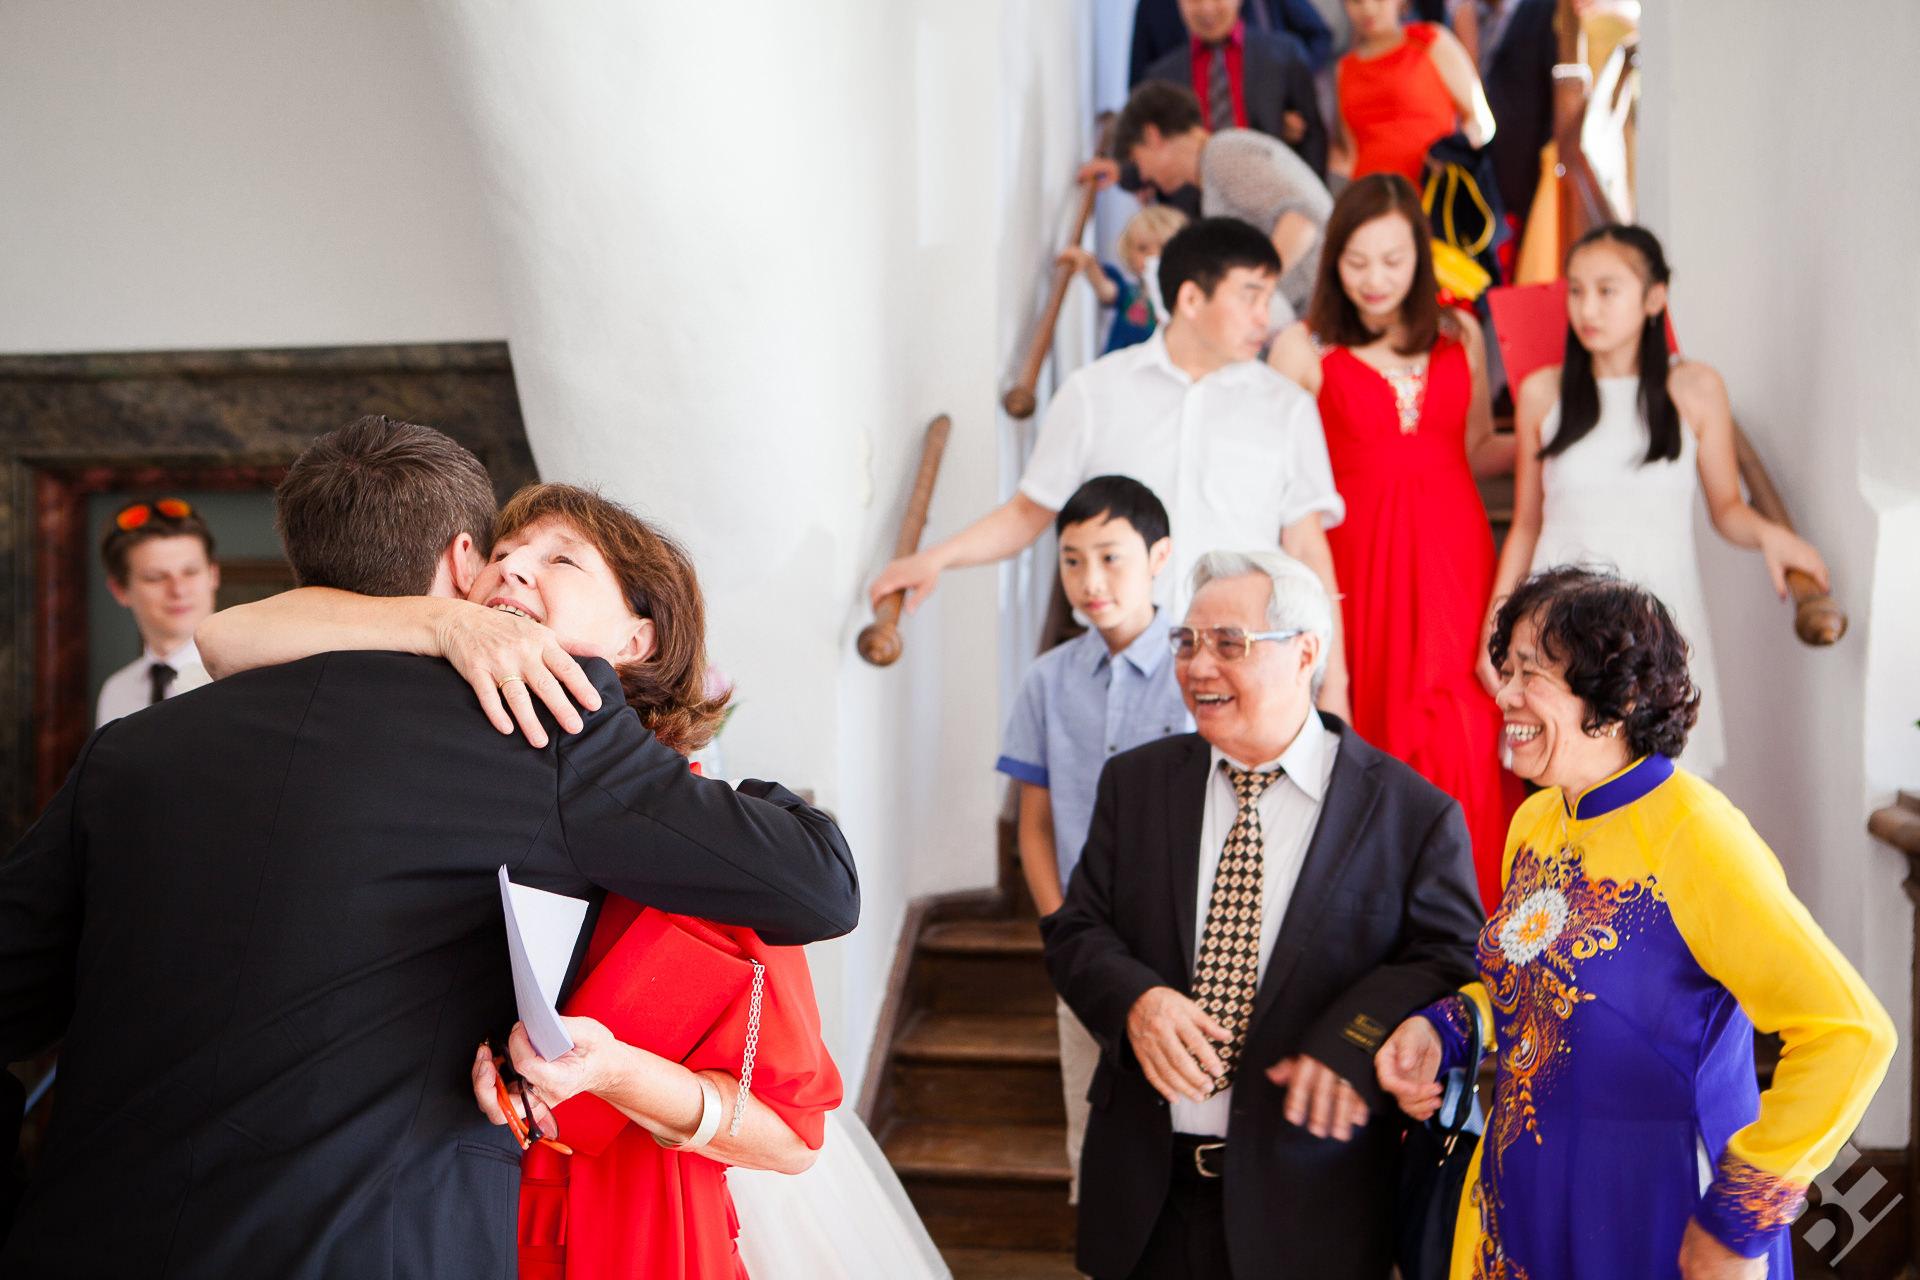 Hochzeit_52_IMG_0214_Volen_Evtimov